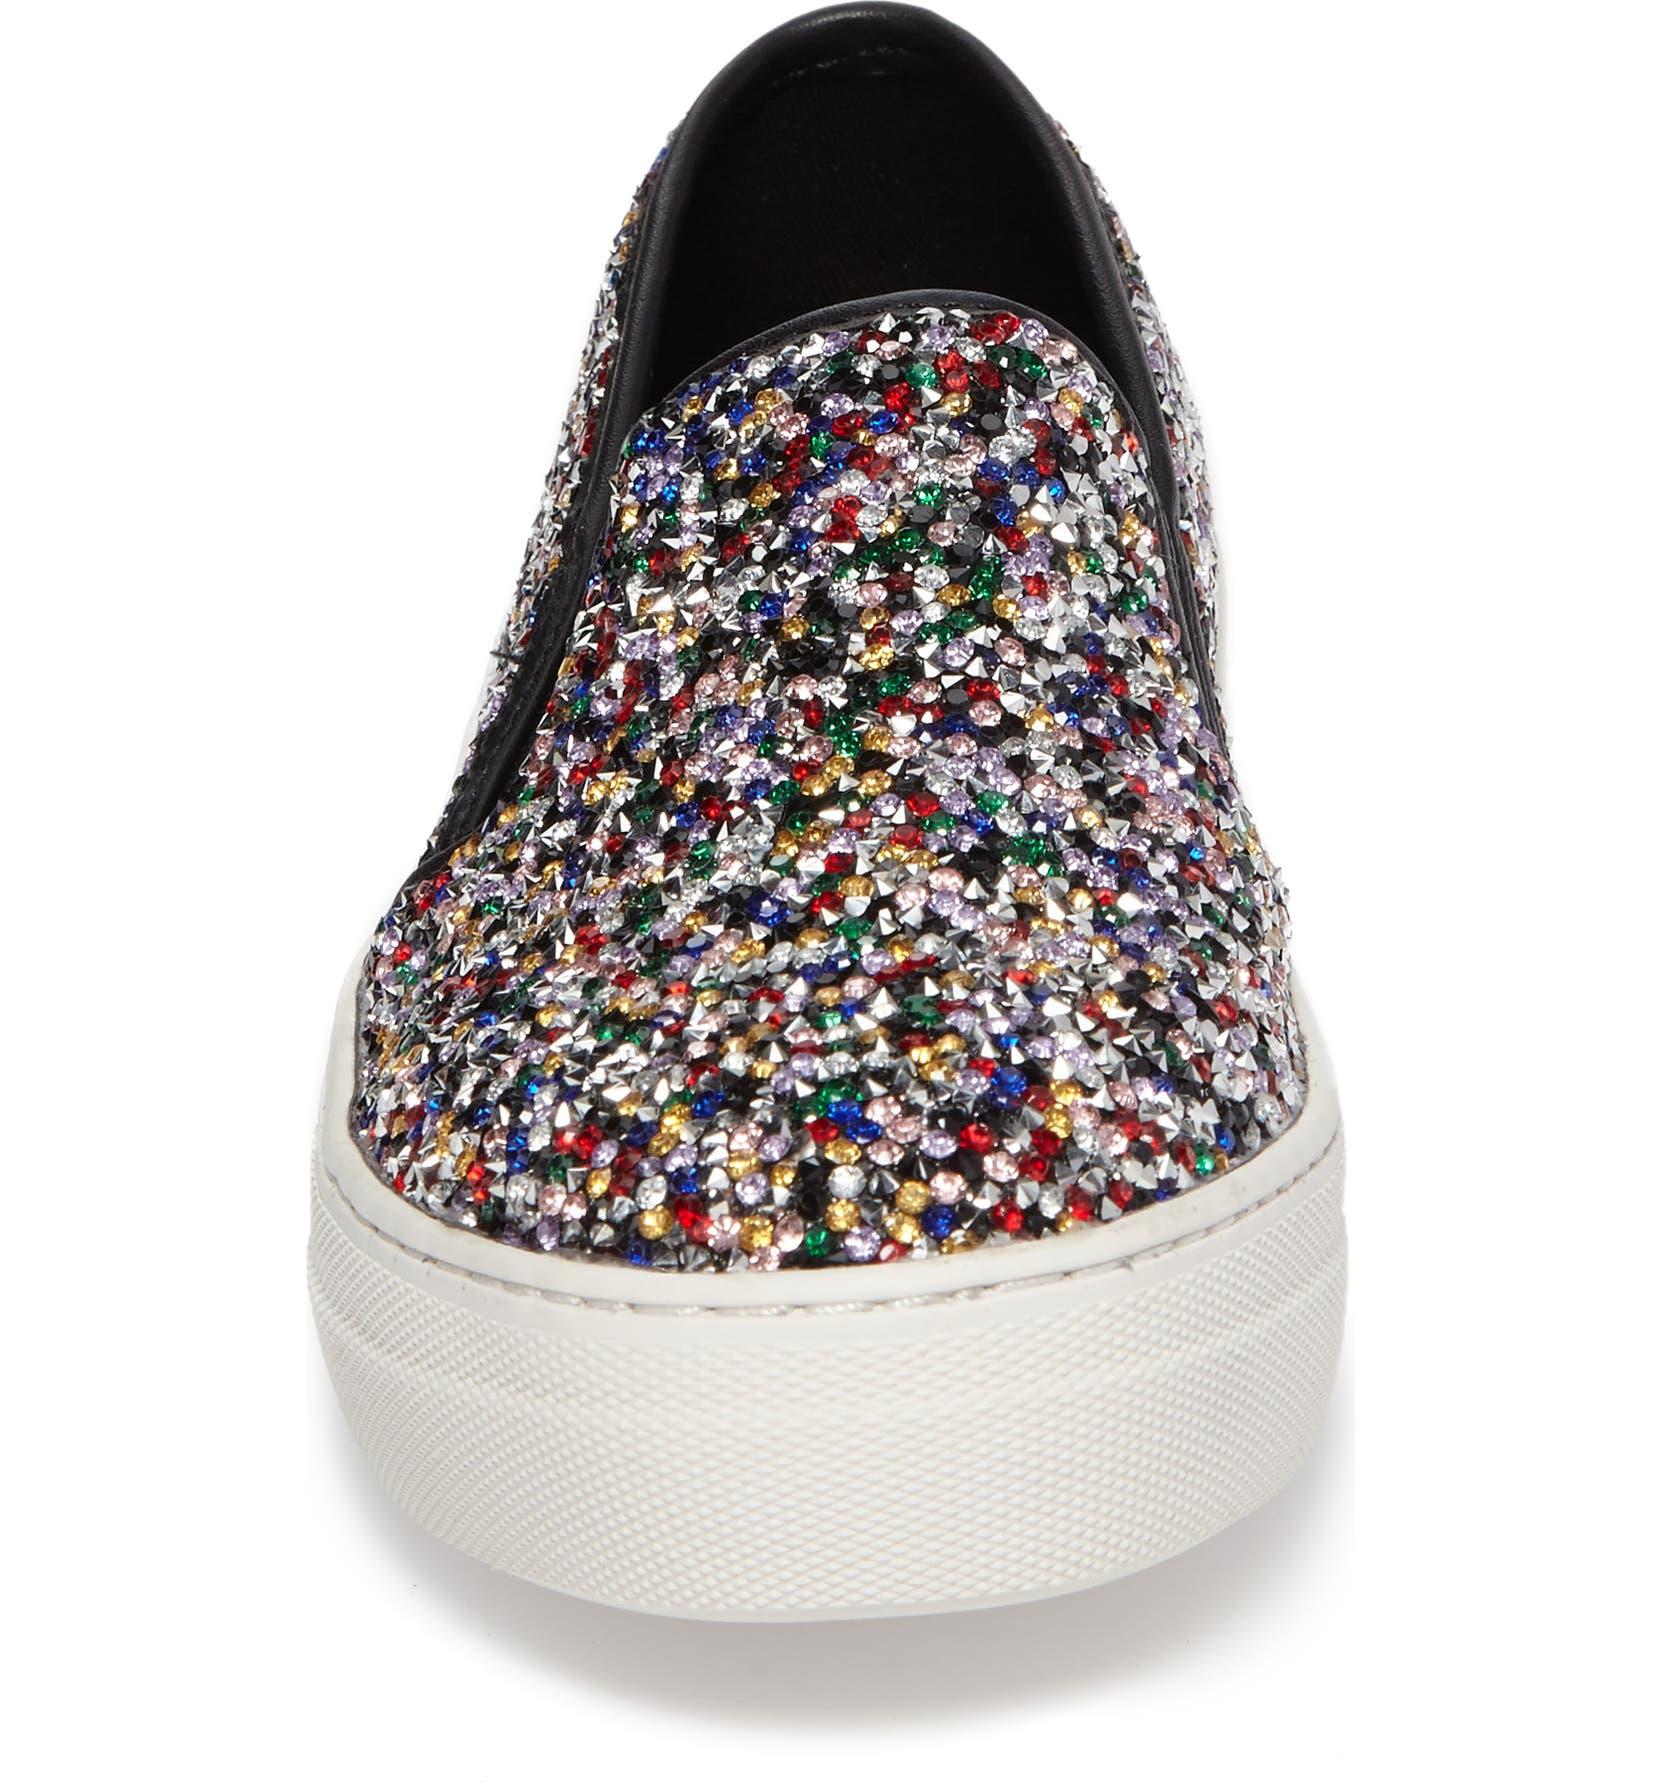 2db6185c567 Steve Madden Gracious Slip-On Sneaker (Women)